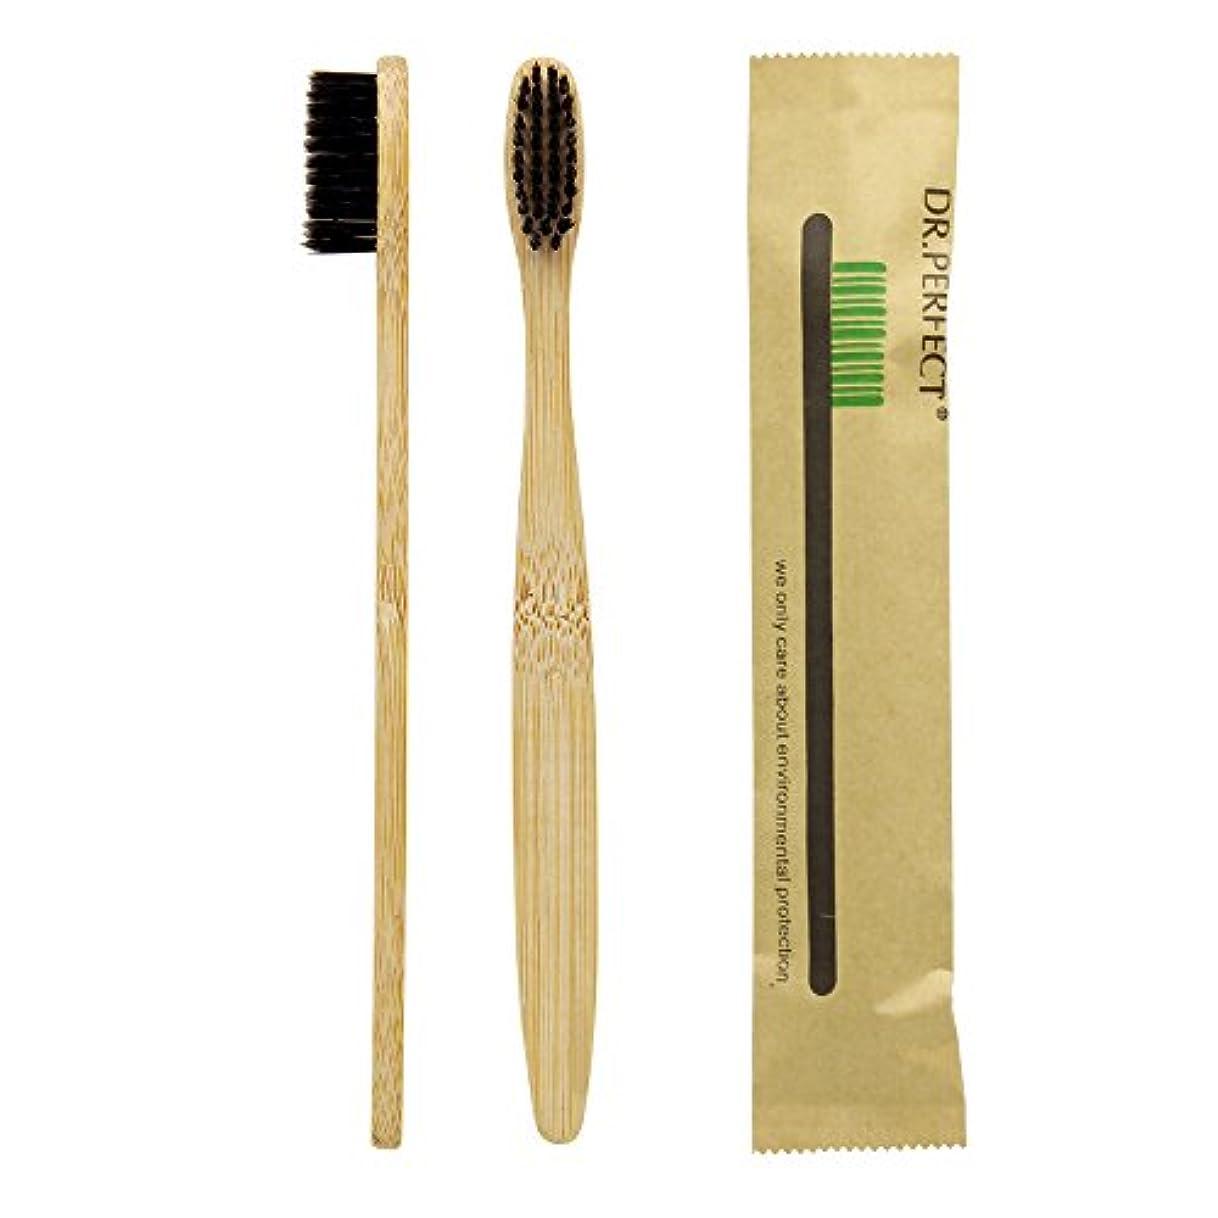 ハング位置づける群集Dr.Perfect 歯ブラシ 竹歯ブラシアダルト竹の歯ブラシ ナイロン毛 環境保護の歯ブラシ (ブラック)